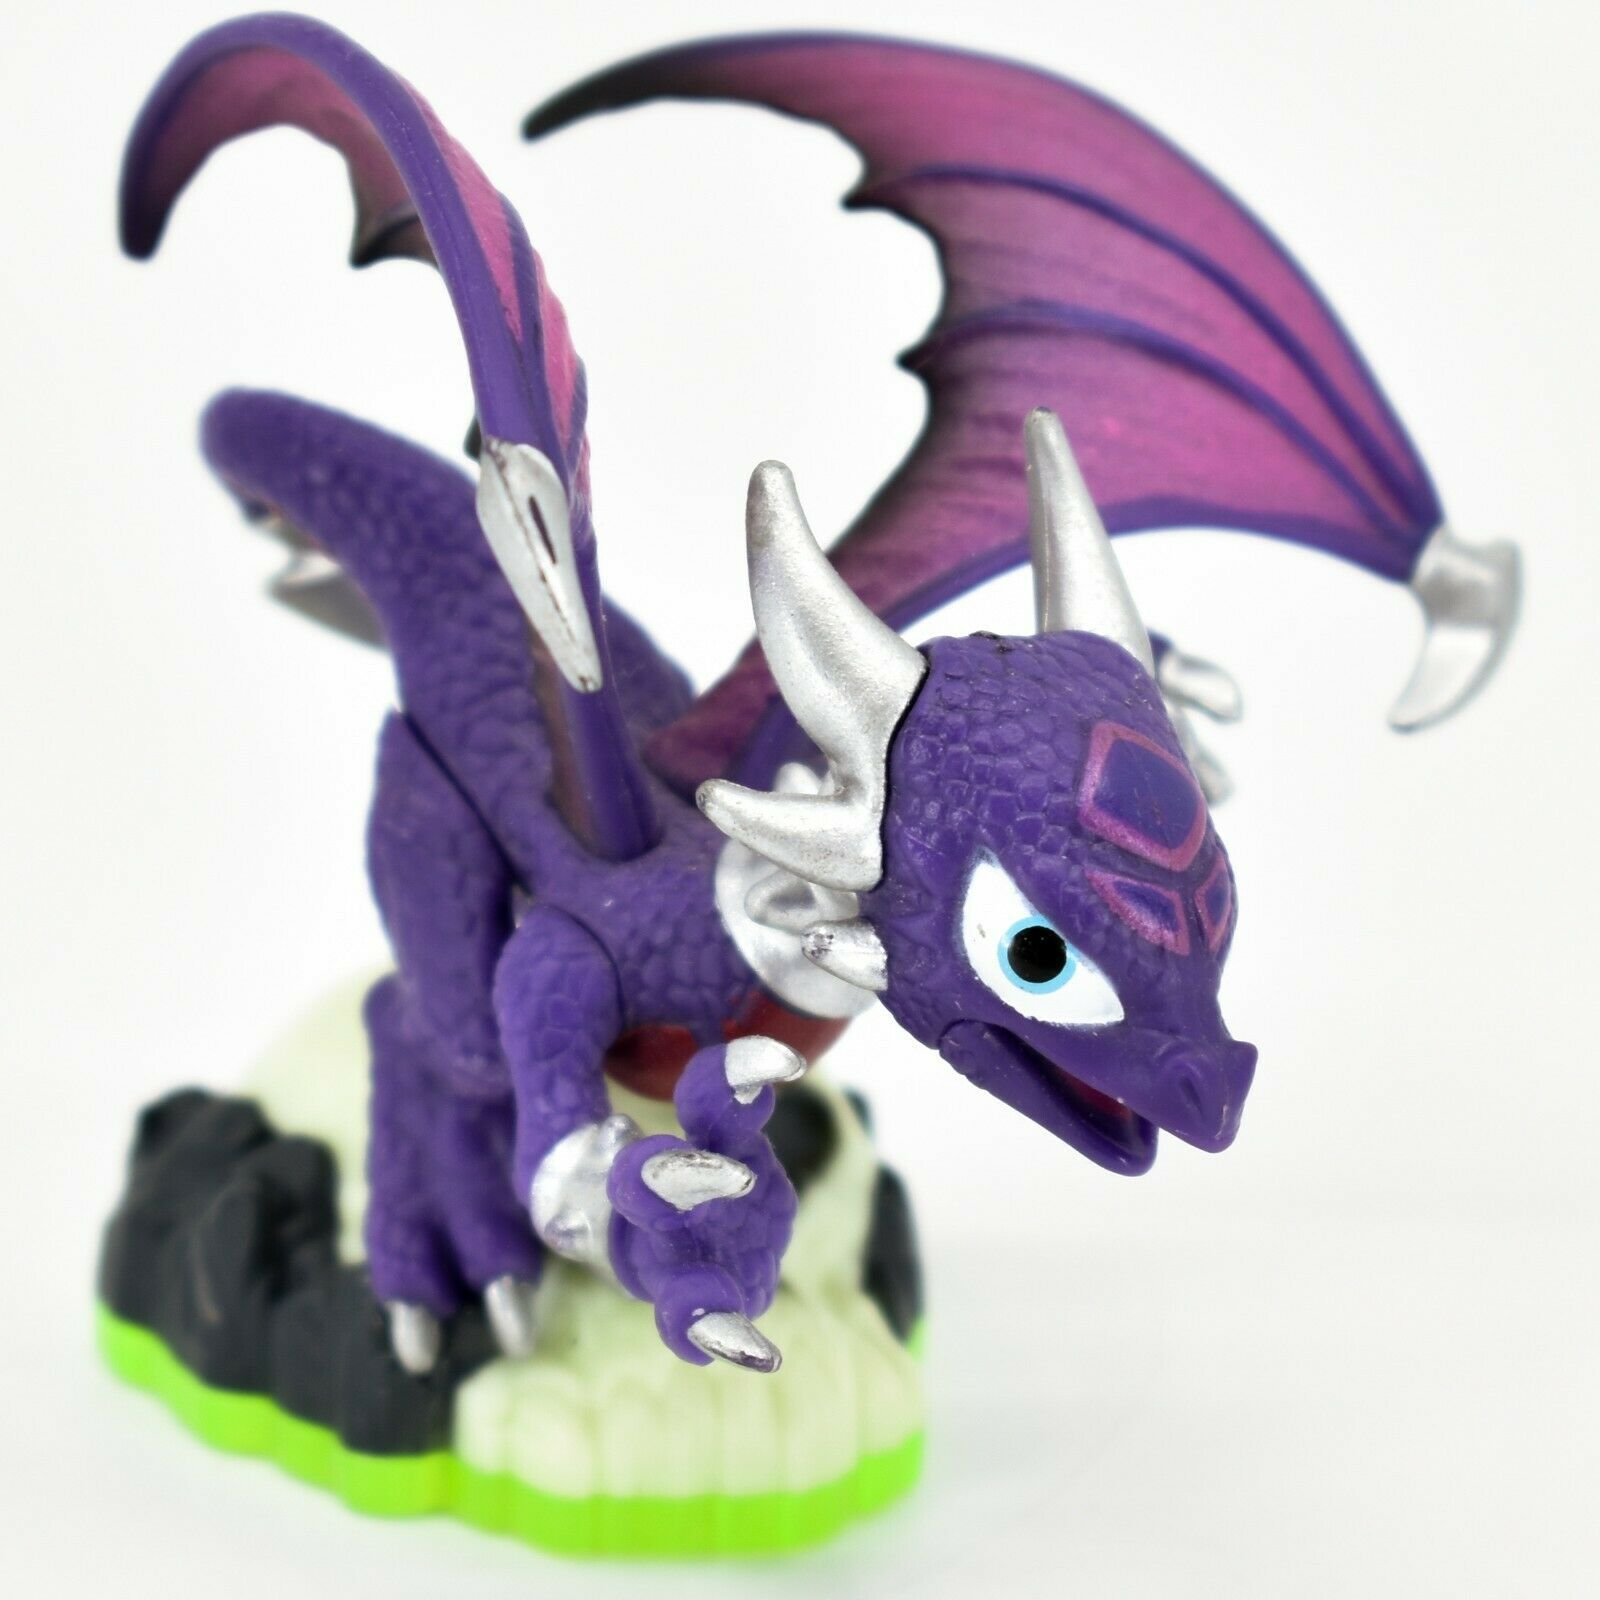 Activision Skylanders Spyro's Adventure Cynder Undead Dragon Character Loose